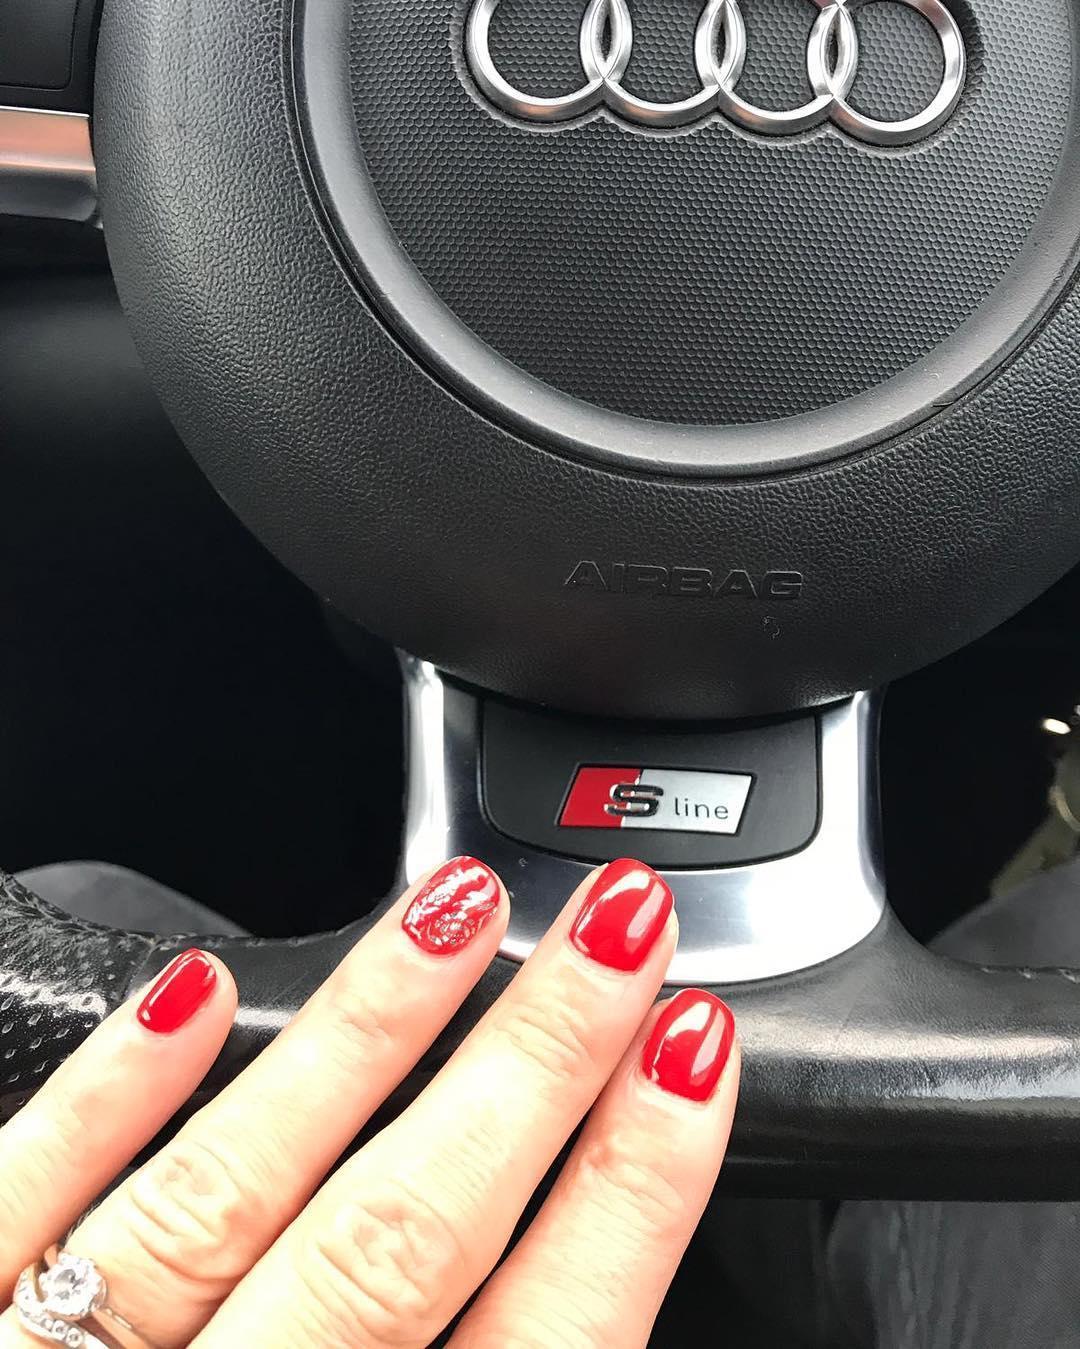 creative red nail design ideas 2019 15 - 20 Creative Red Nail Design Ideas 2019